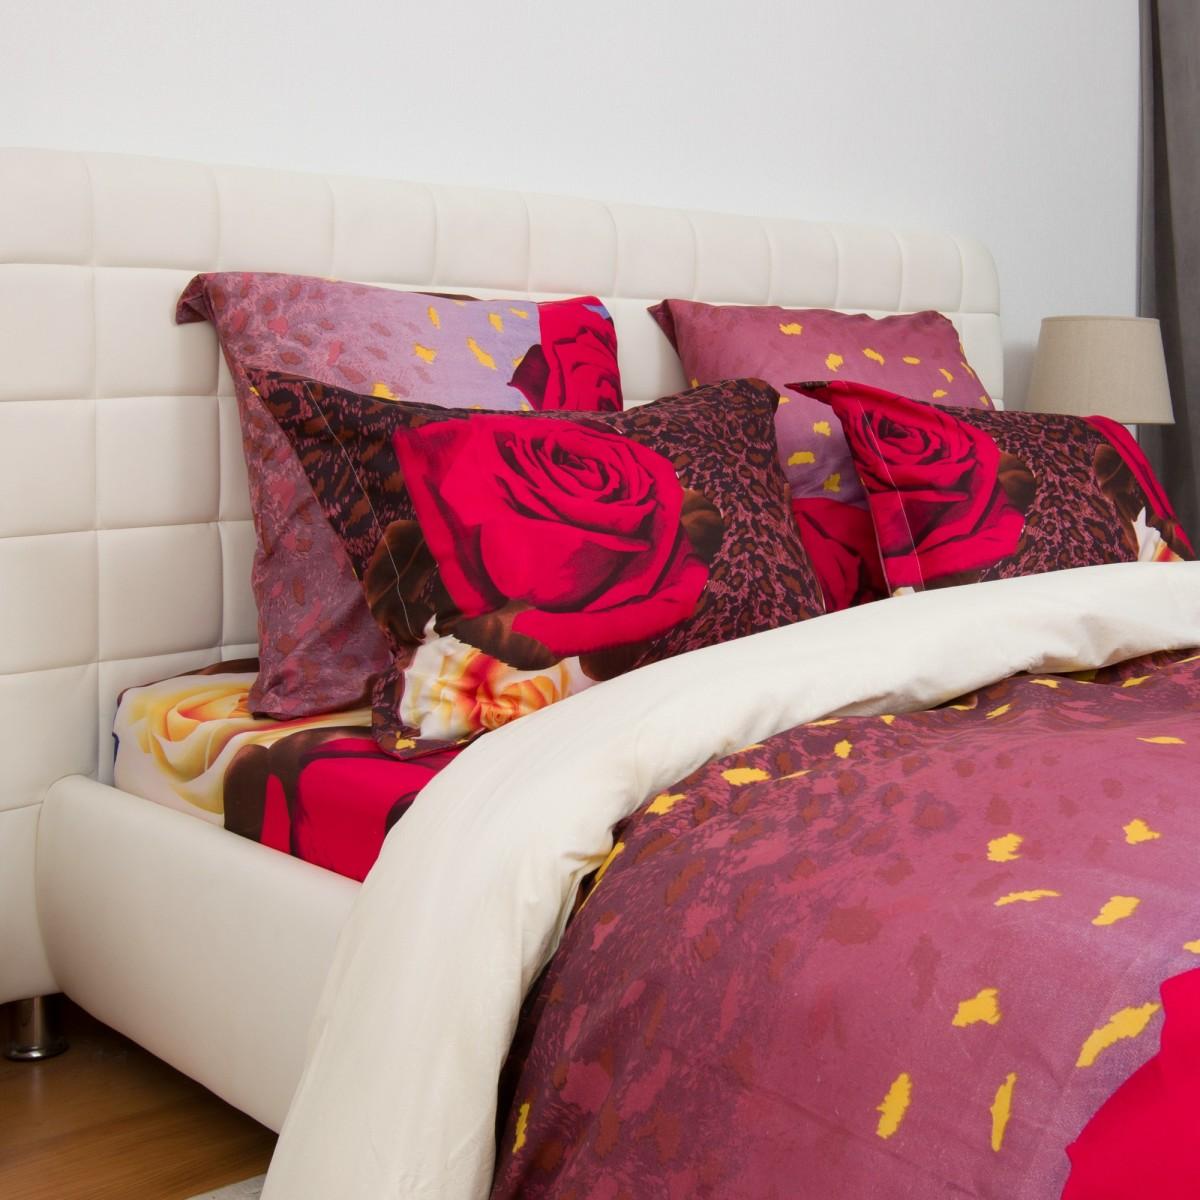 Комплект Постельного Белья Огненный Цветок Полутораспальный Микрофибра